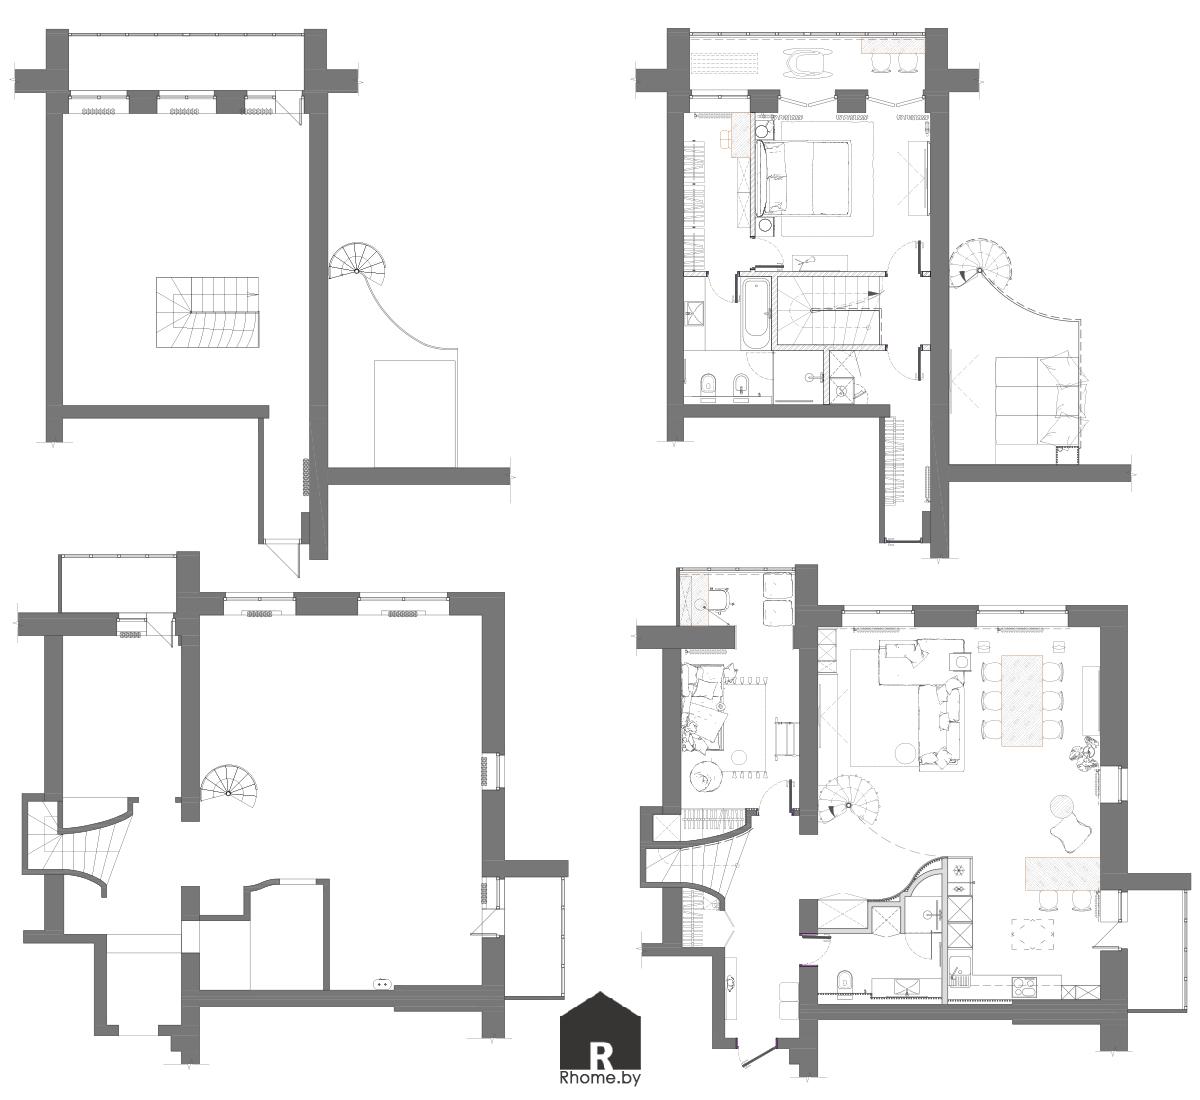 Планировка двухуровневой квартиры | Дизайн студия – Rhome.by